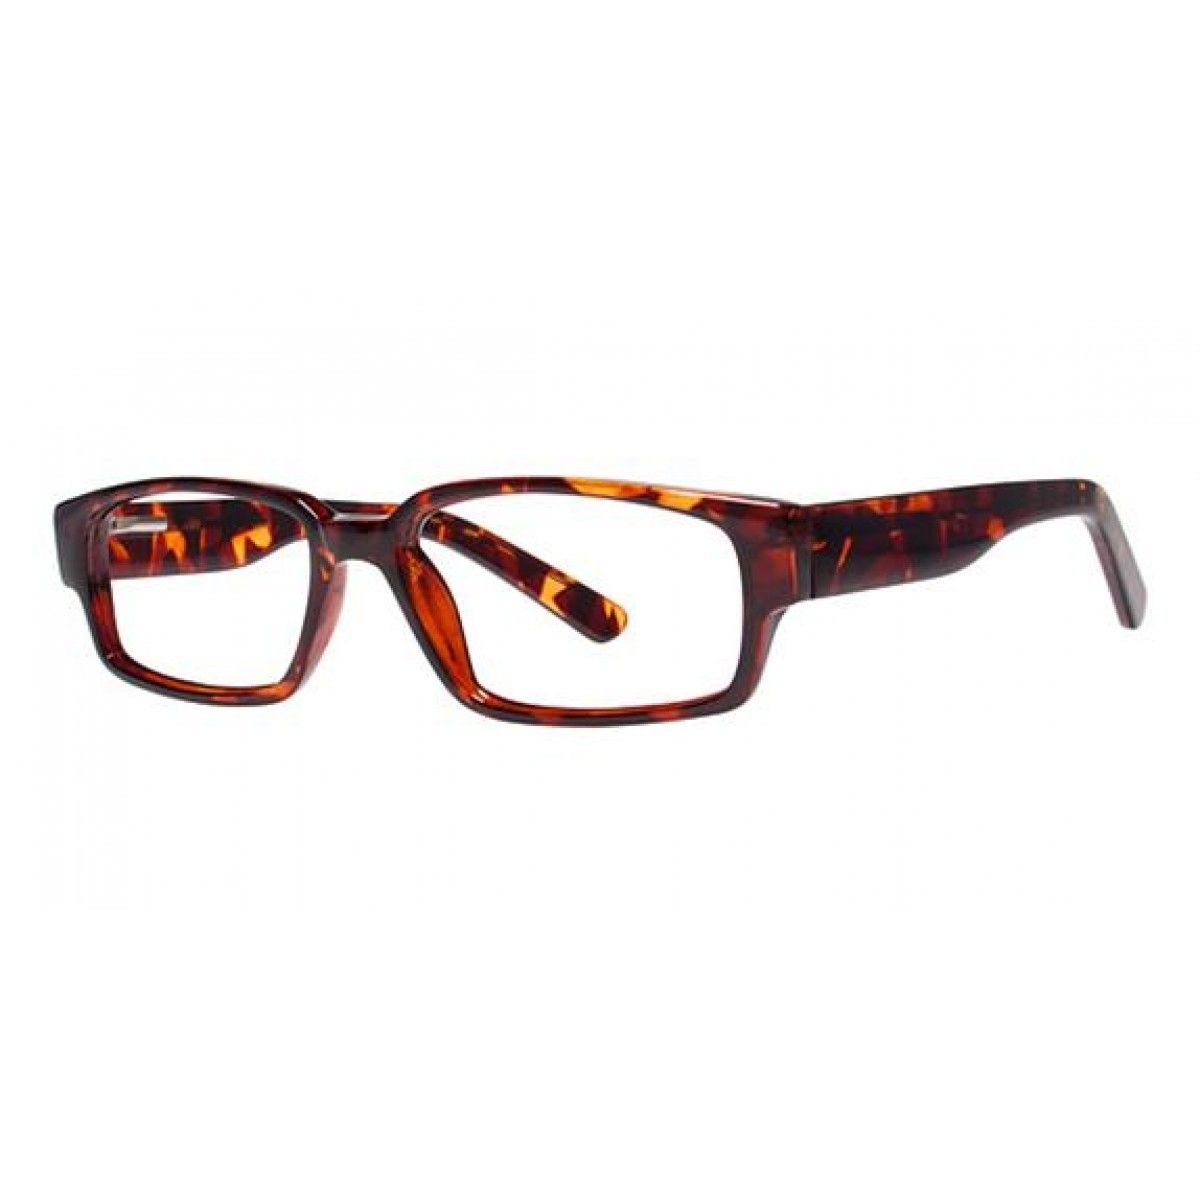 Tortoise Glasses - Eyeglass.com #womens #eyeglasses #frames ...